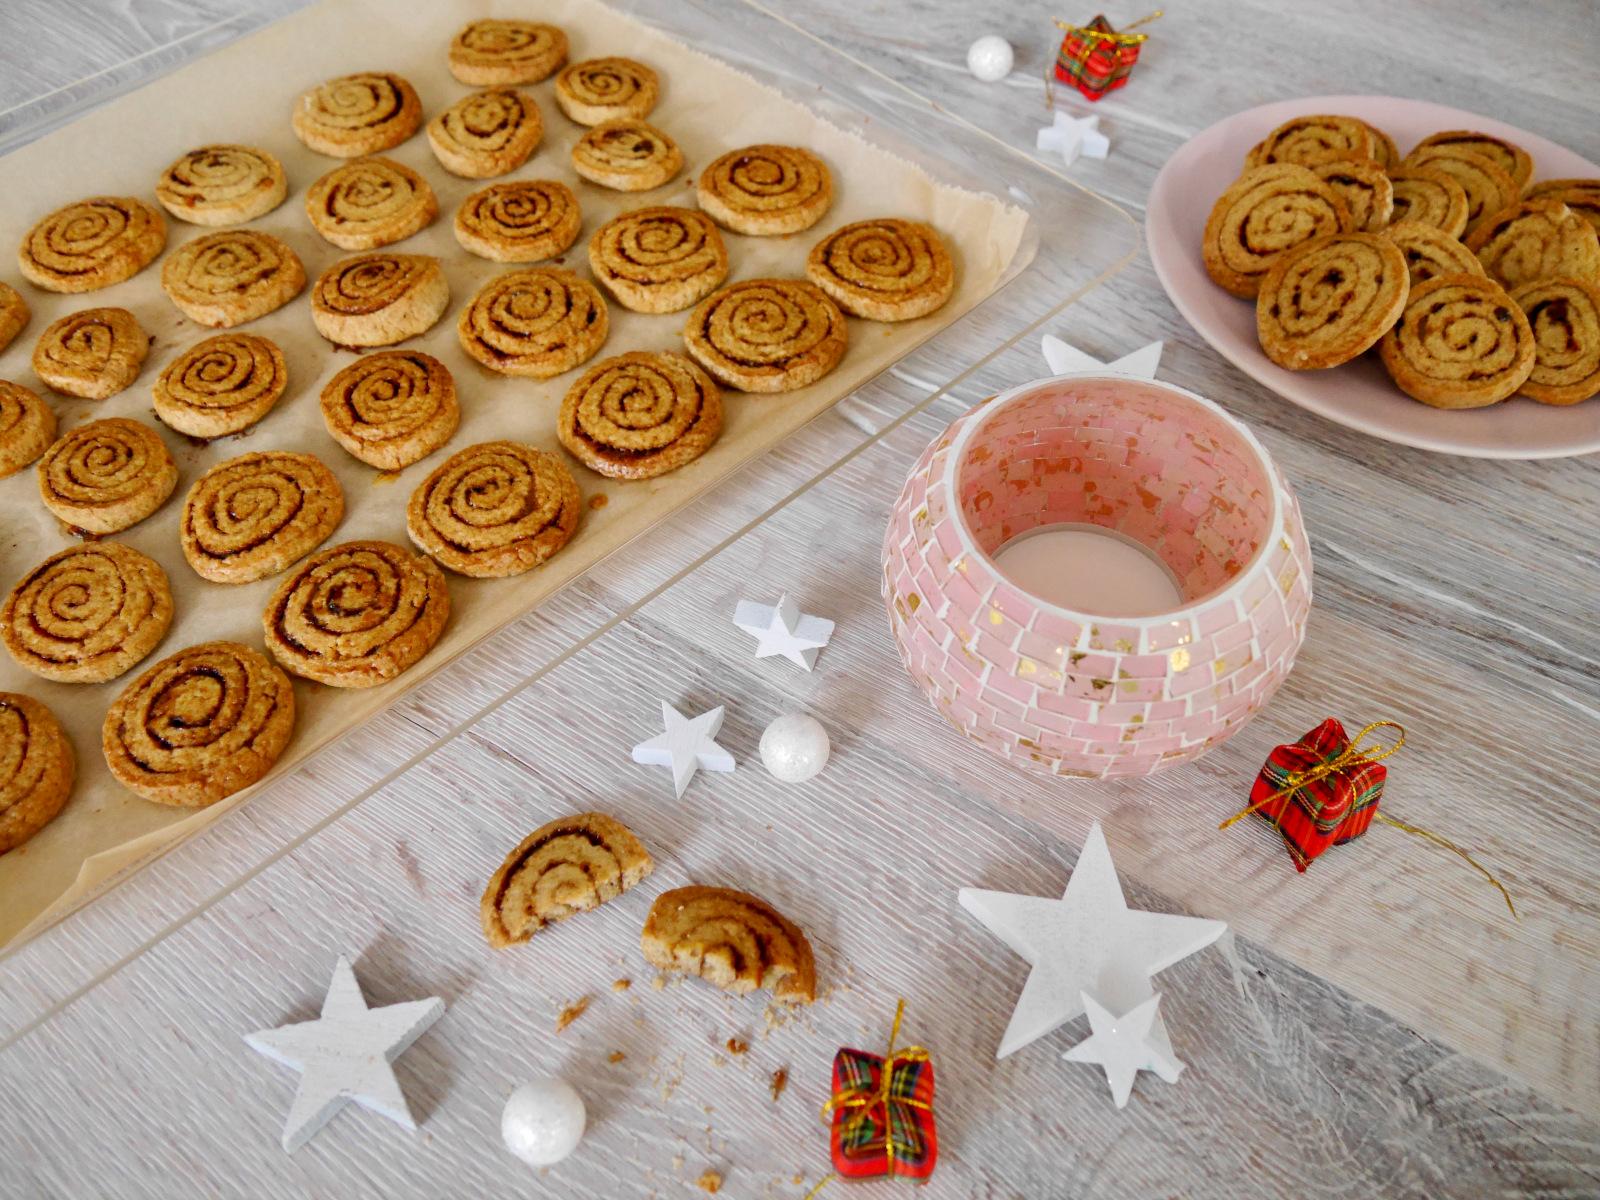 Weihnachtliche Zimtschnecken-Plaetzchen mit Xylit und Vollkornmehl by Dr. Alexa Iwan